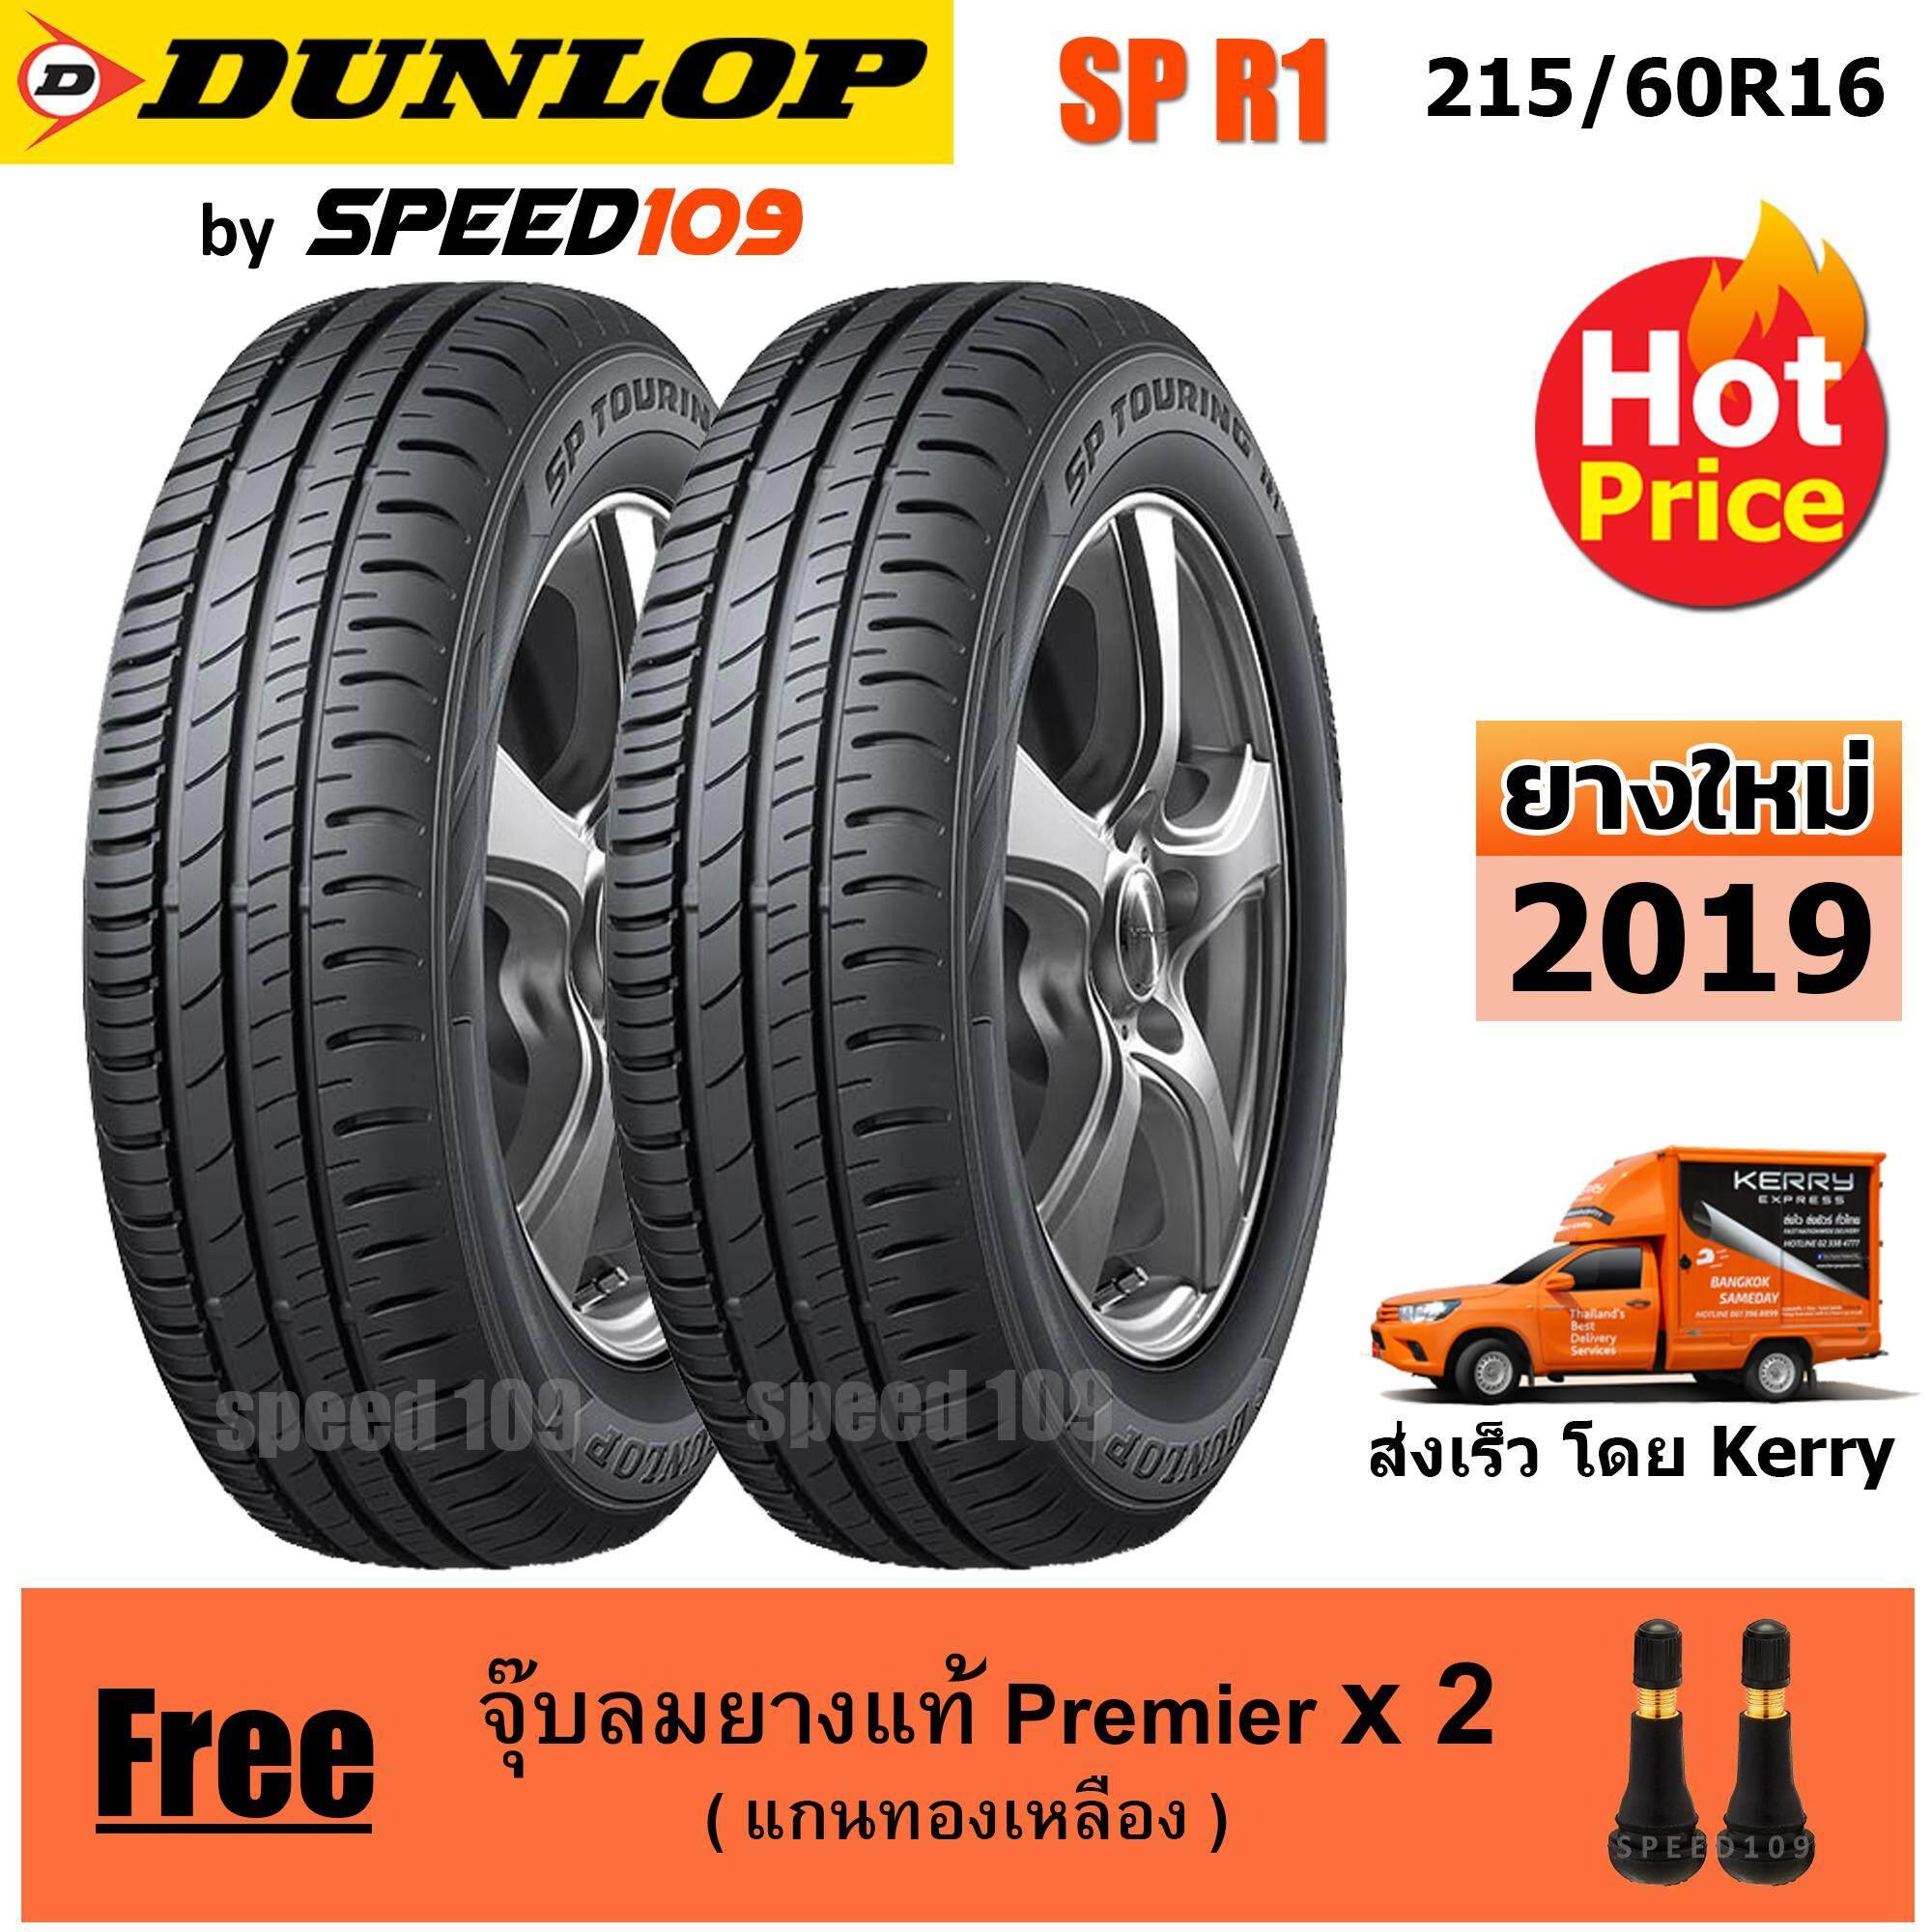 ประกันภัย รถยนต์ แบบ ผ่อน ได้ สุราษฎร์ธานี DUNLOP ยางรถยนต์ ขอบ 16 ขนาด 215/60R16 รุ่น SP TOURING R1 - 2 เส้น (ปี 2019)